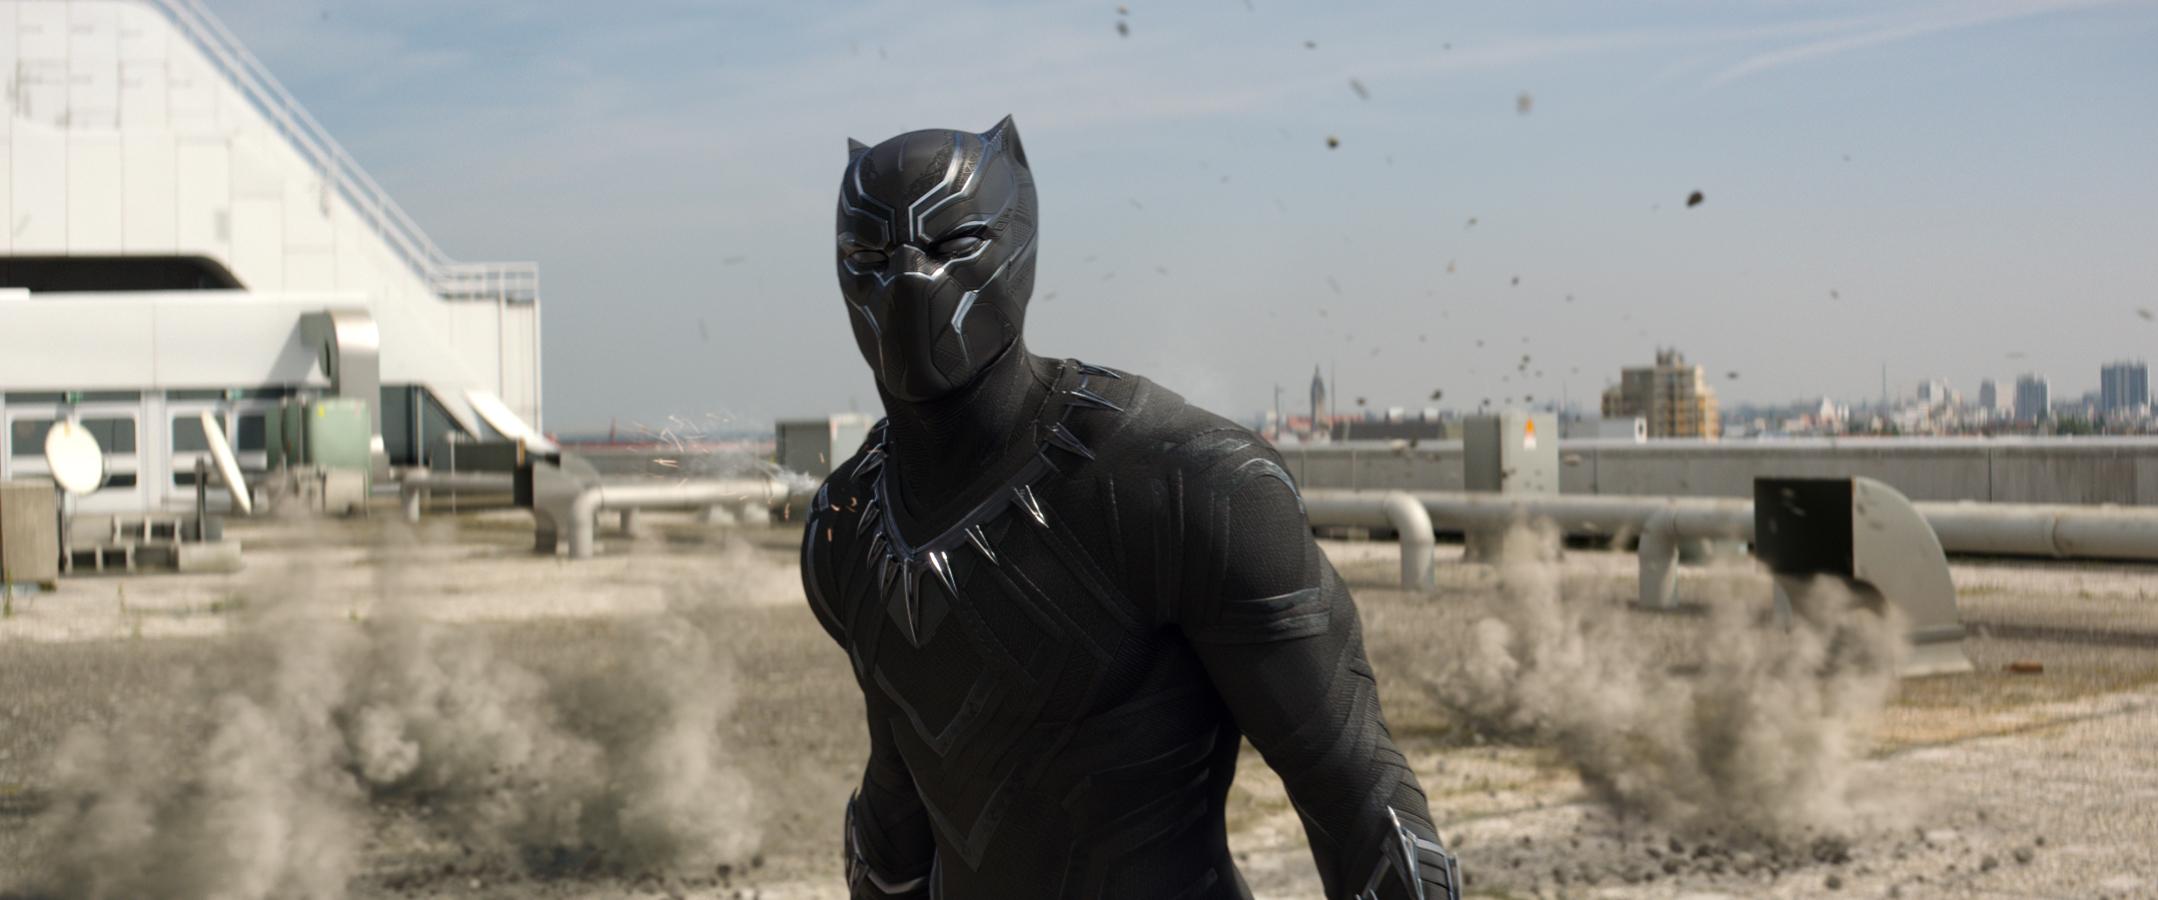 Black panther movie wallpaper 1